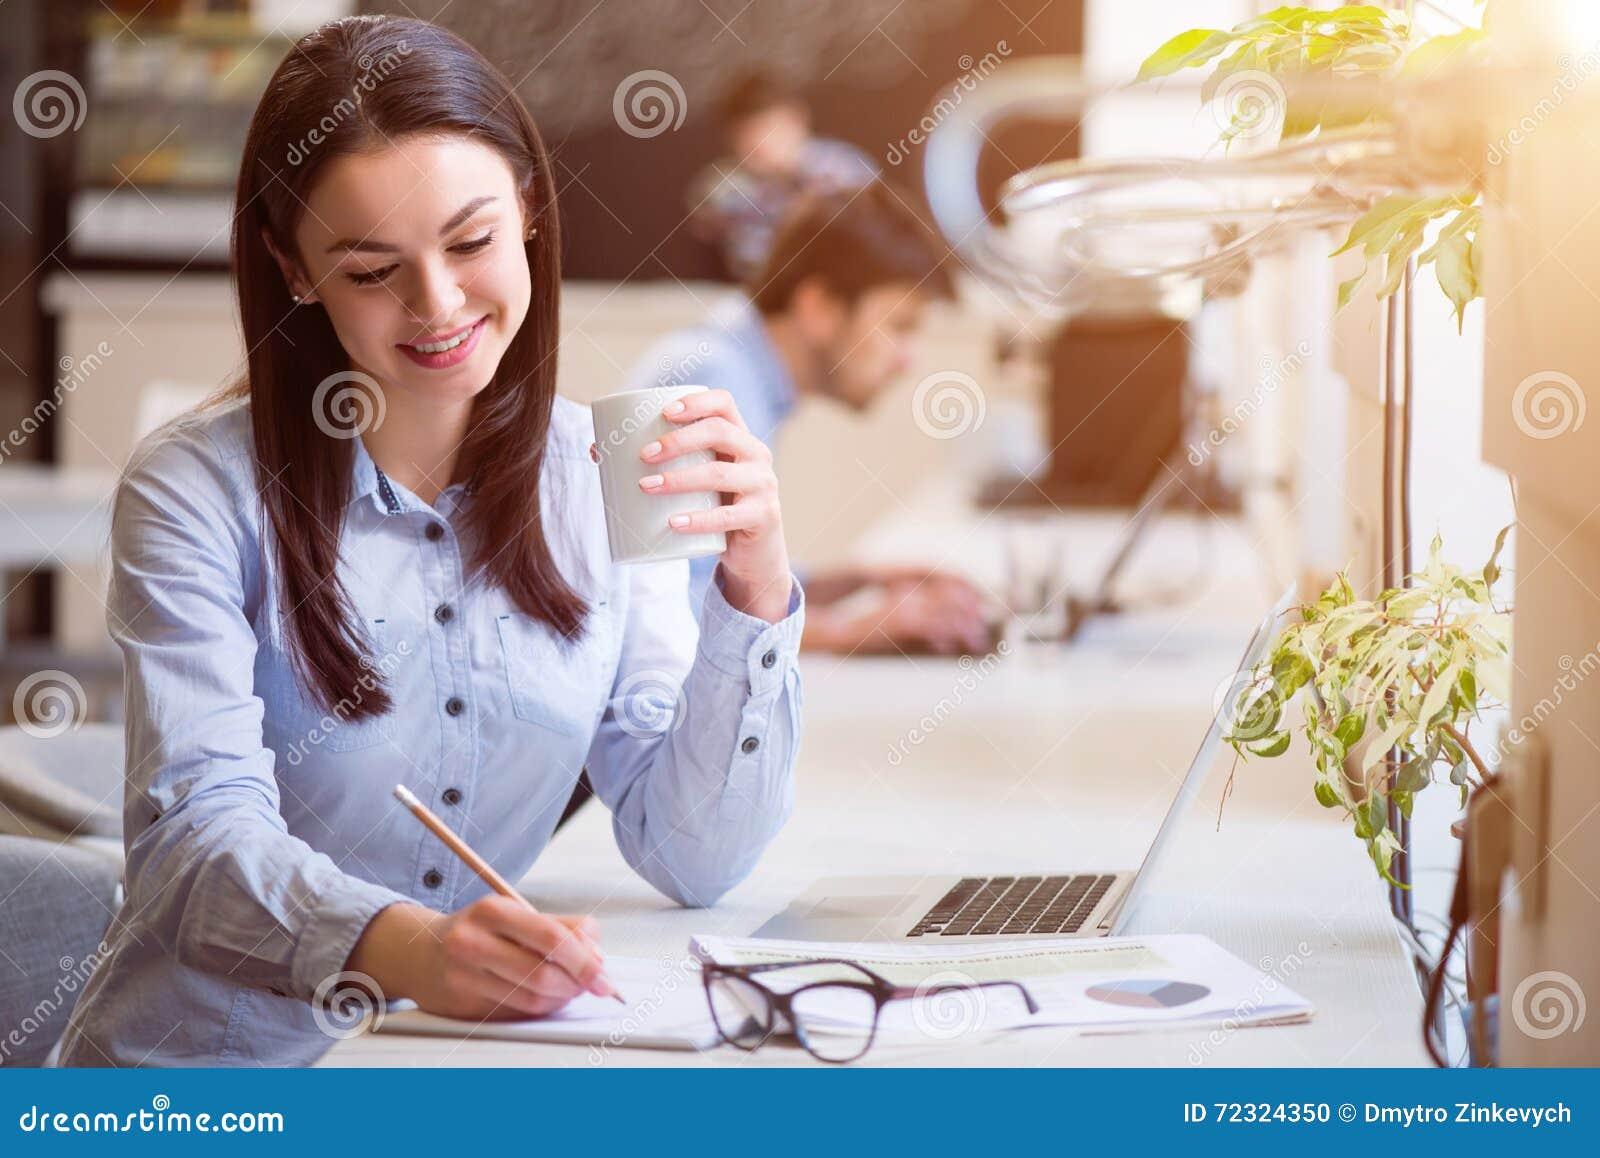 Przyjemny piękny kobiety obsiadanie w kawiarni